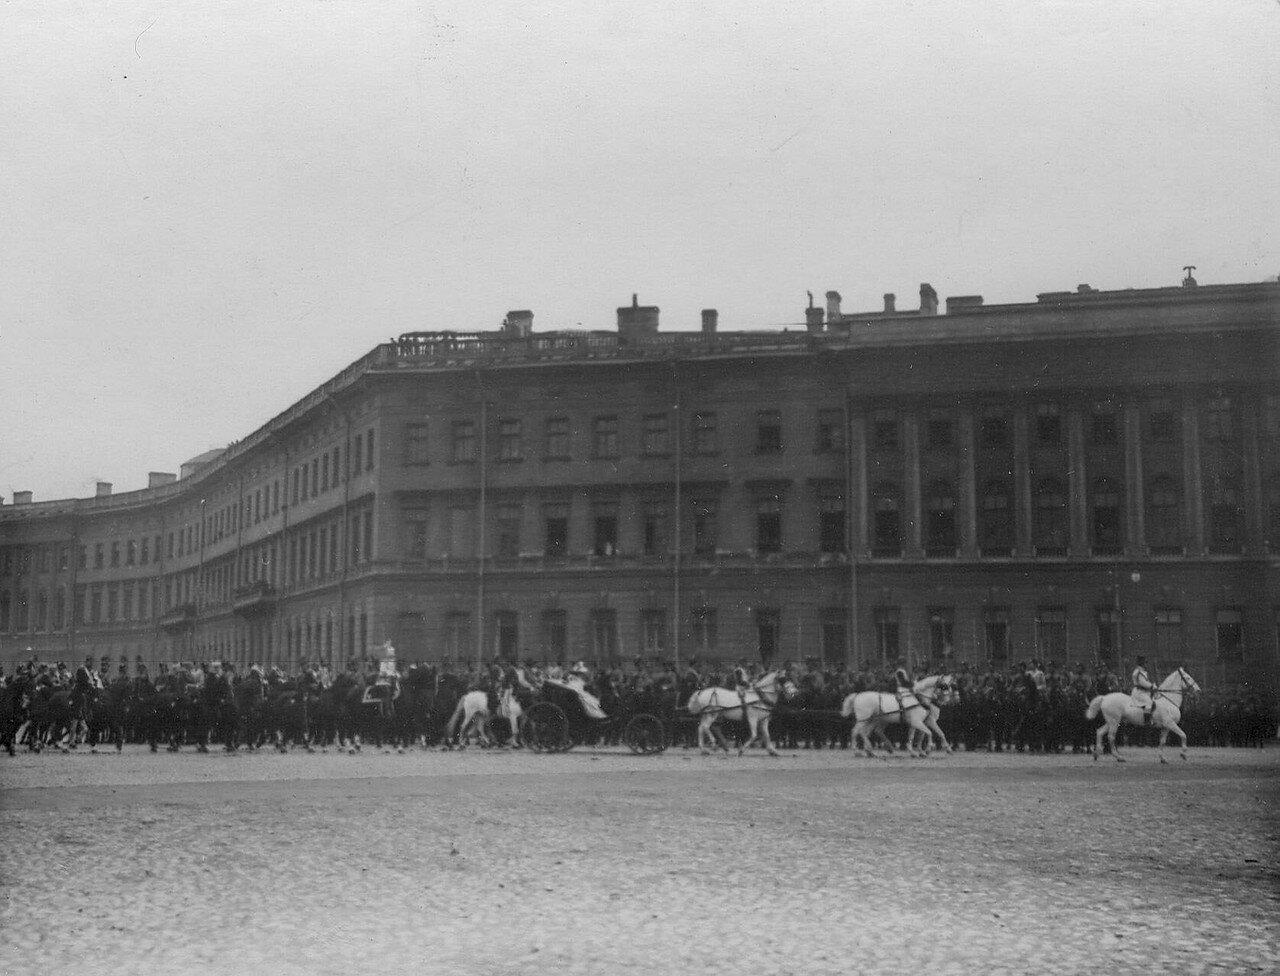 13. Император Николай II и члены императорской фамилии объезжают ряды атаманцев, выстроенных на площади у Зимнего дворца. До 1914